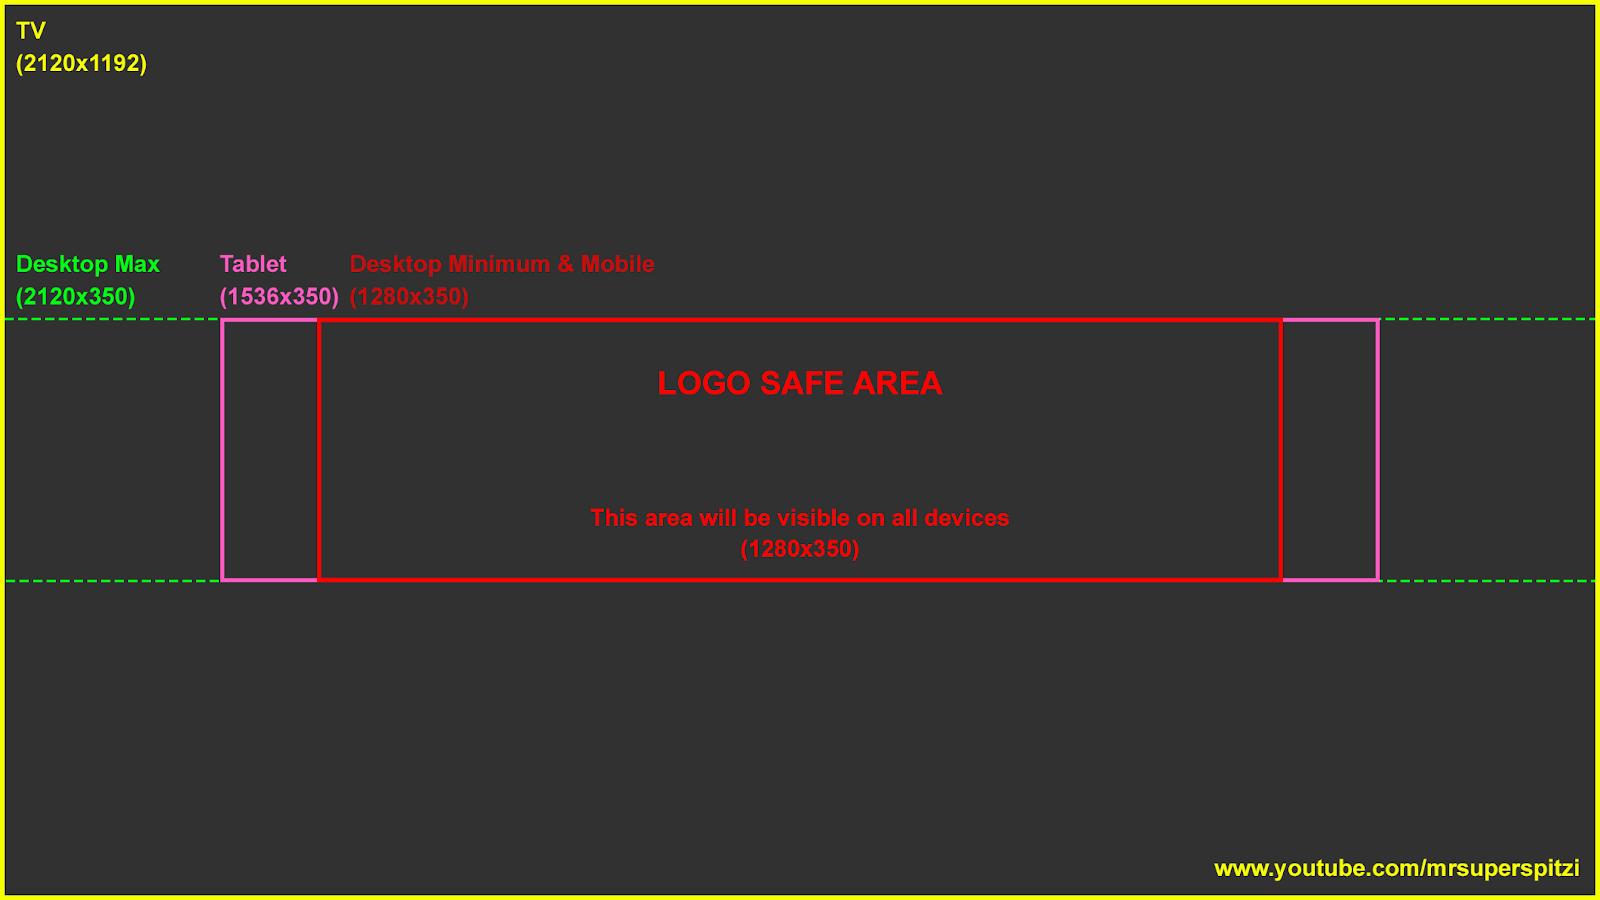 Capa De Youtube 2048x1152: Capa Para Youtube No Novo Padrão Feita No